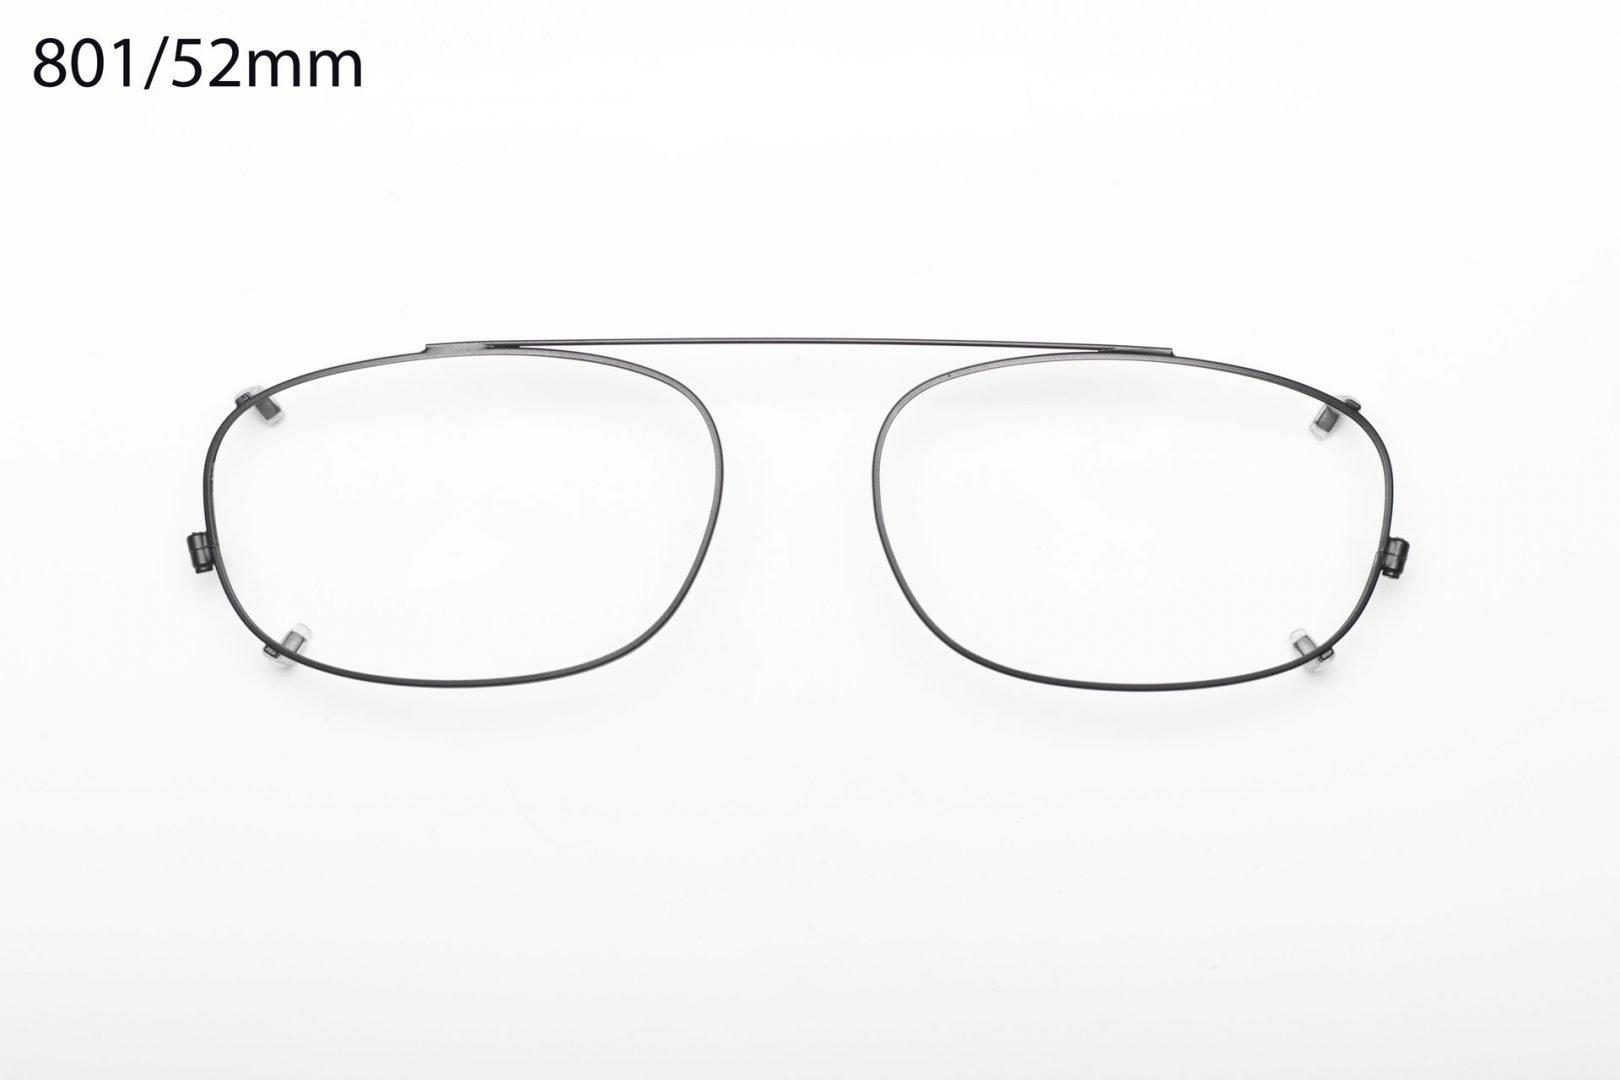 Modèle A54-80152mm